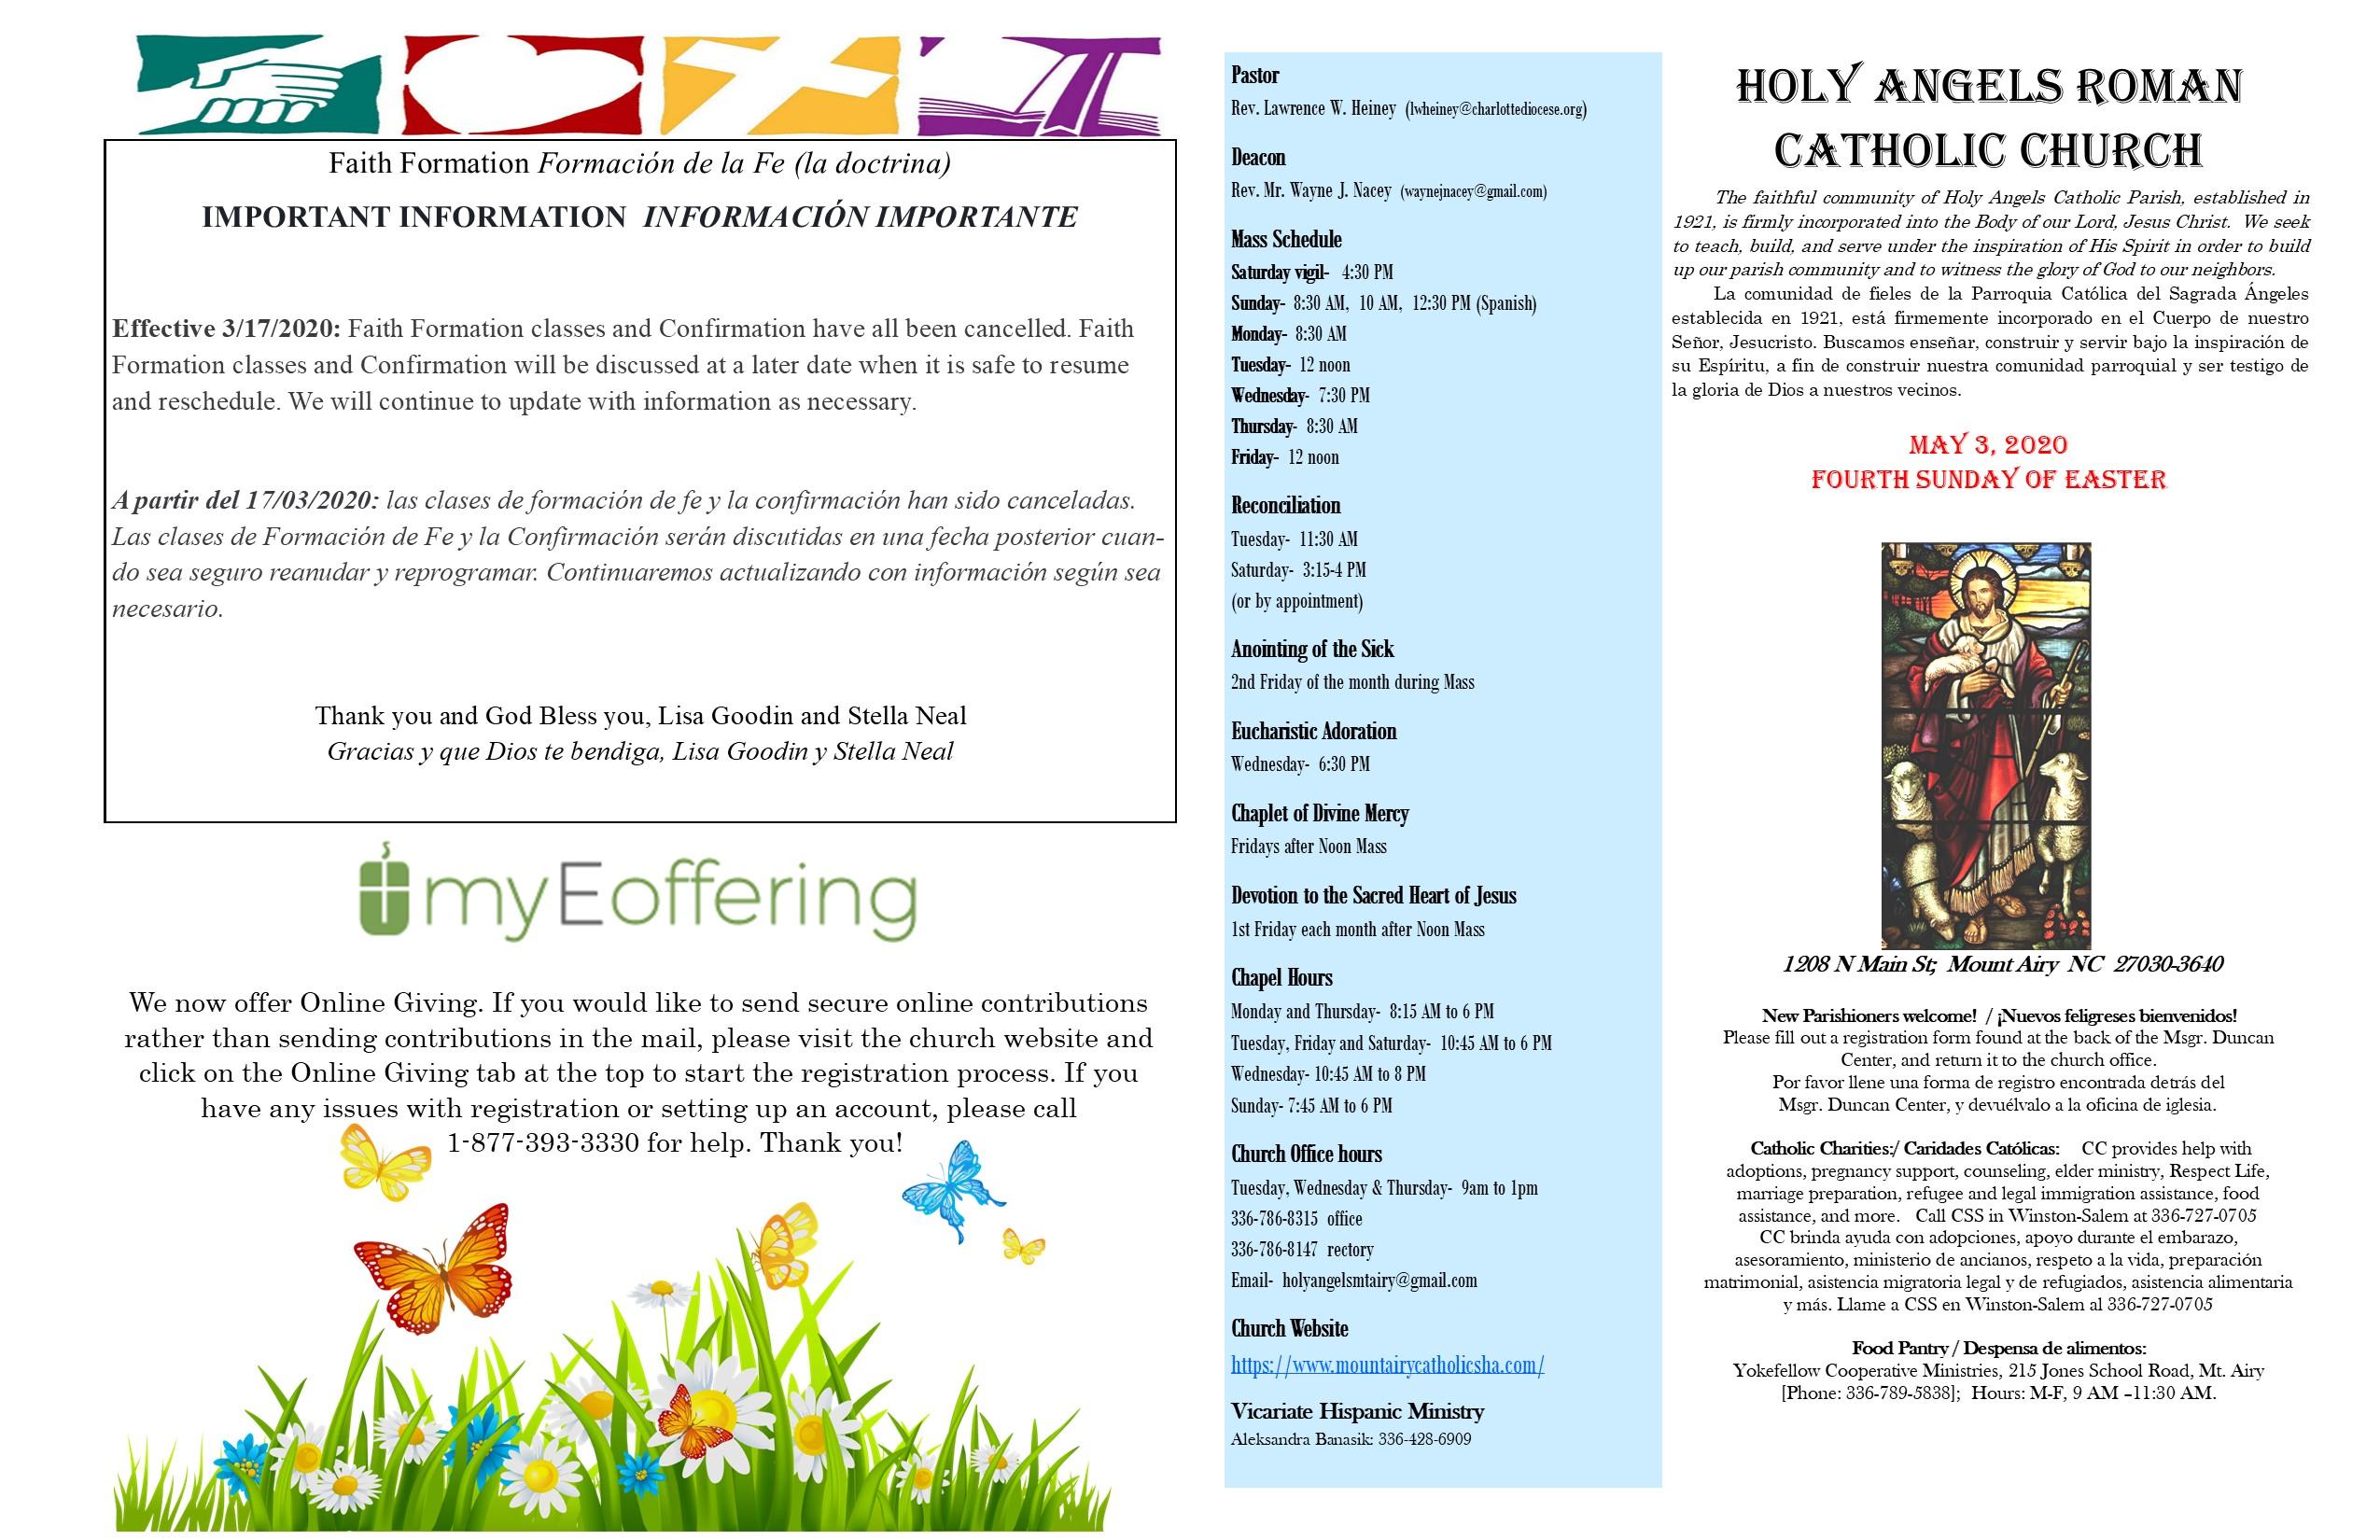 May 3 2020 page 1.jpg